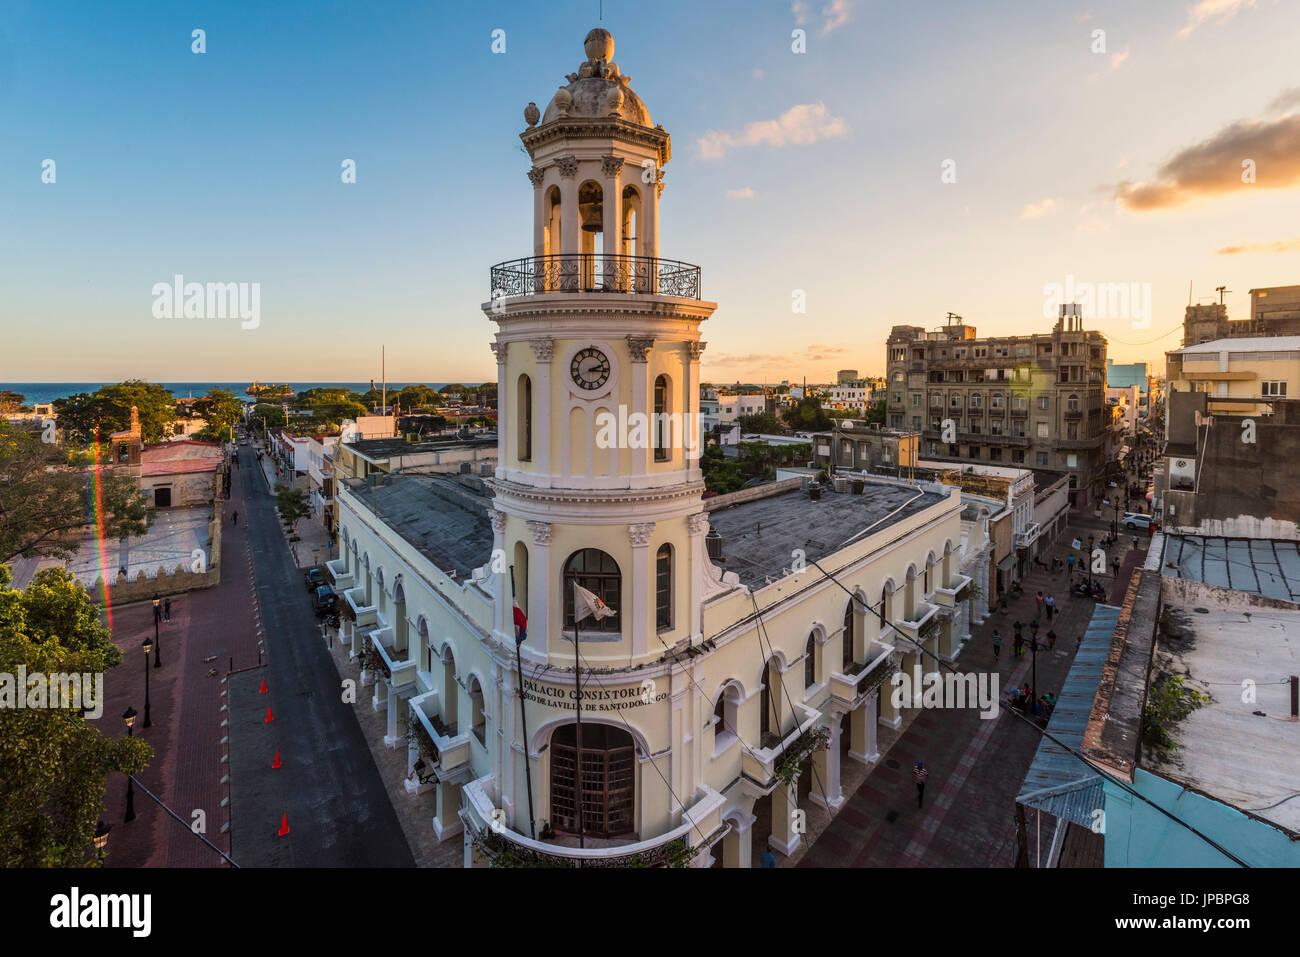 Zona Colonial (Ciudad Colonial), Santo Domingo, Dominikanische Republik. Die kolonialen Architekturen des Palacio Consistorial. Stockbild